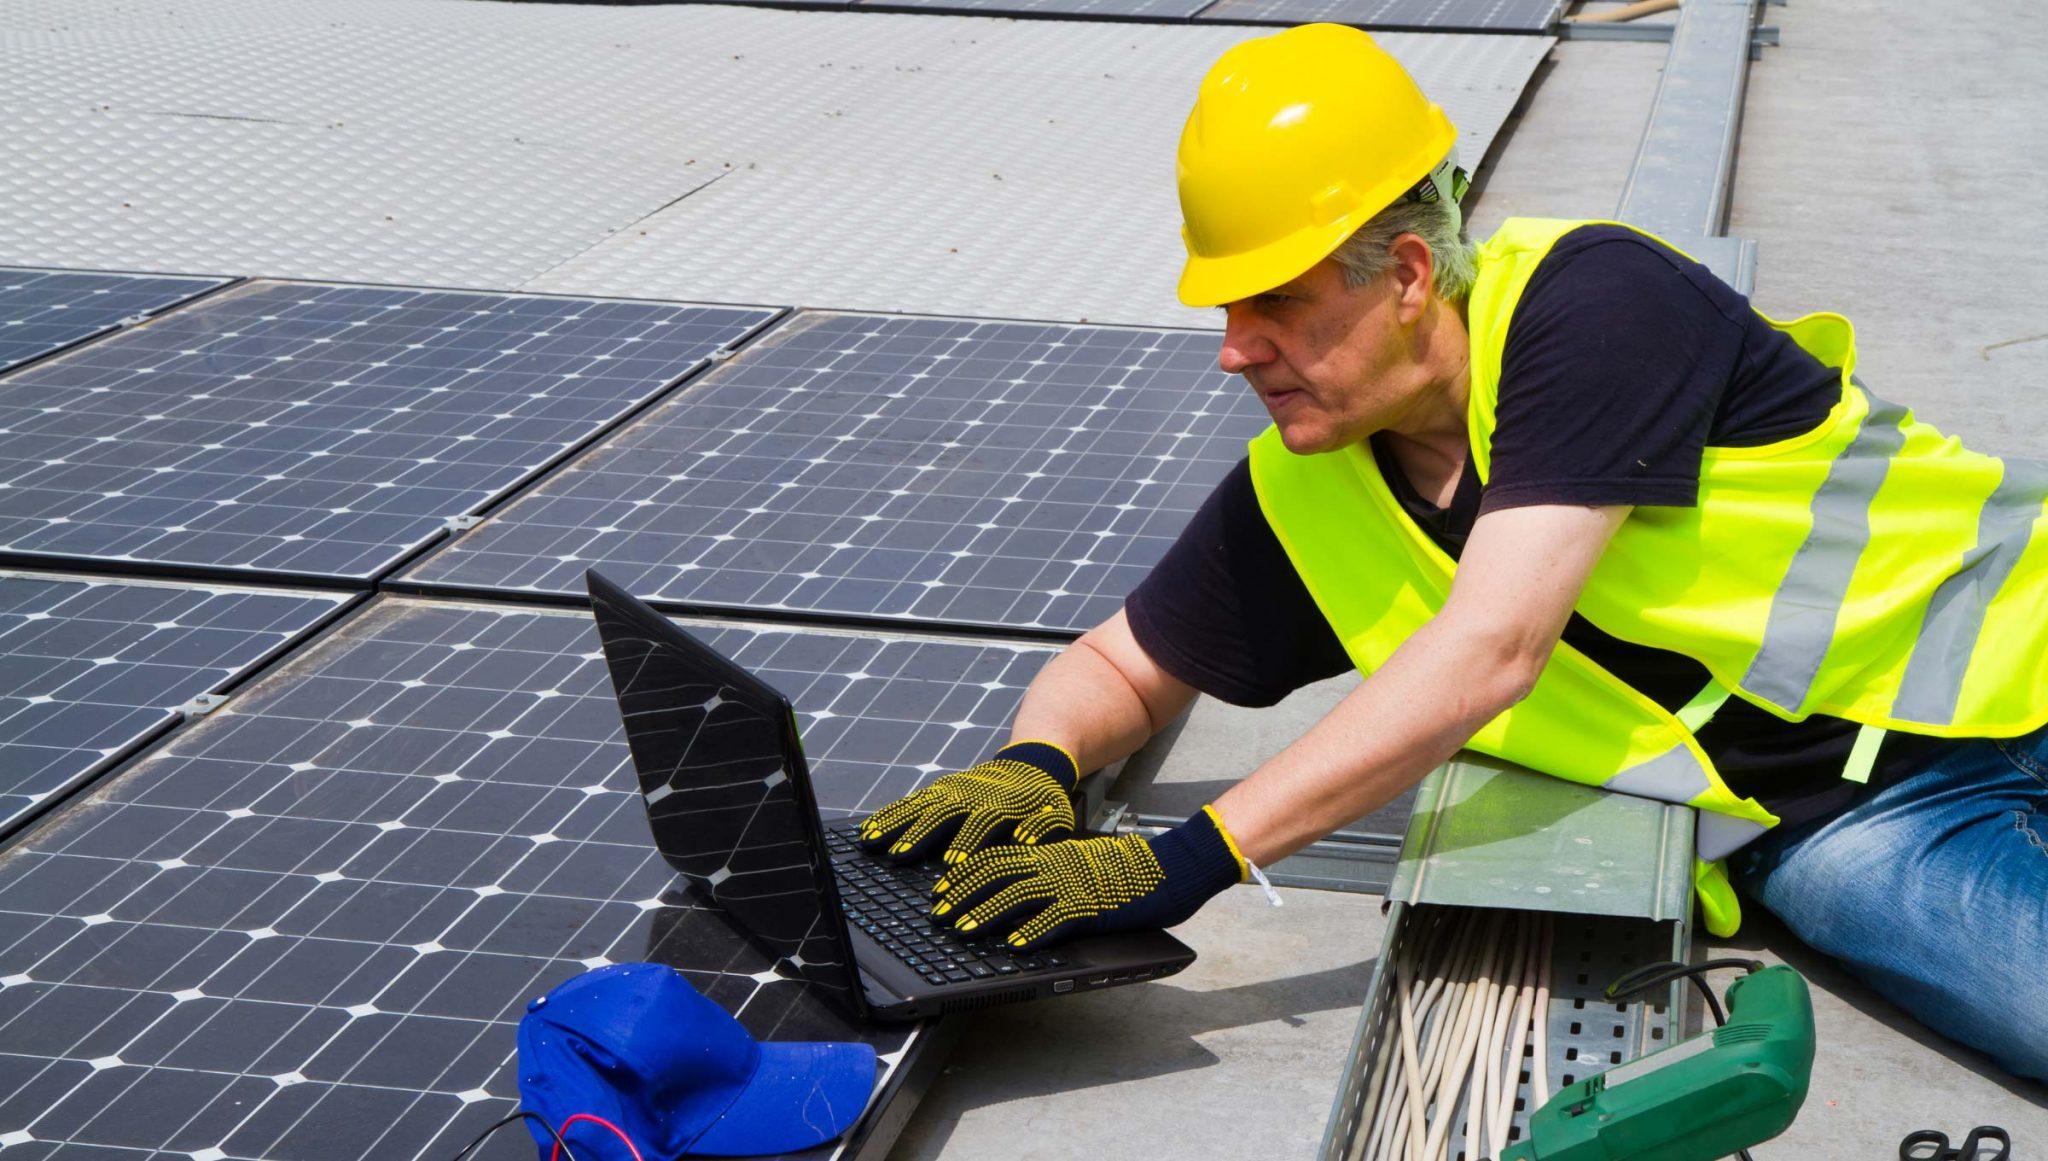 Operatore su pannelli solari